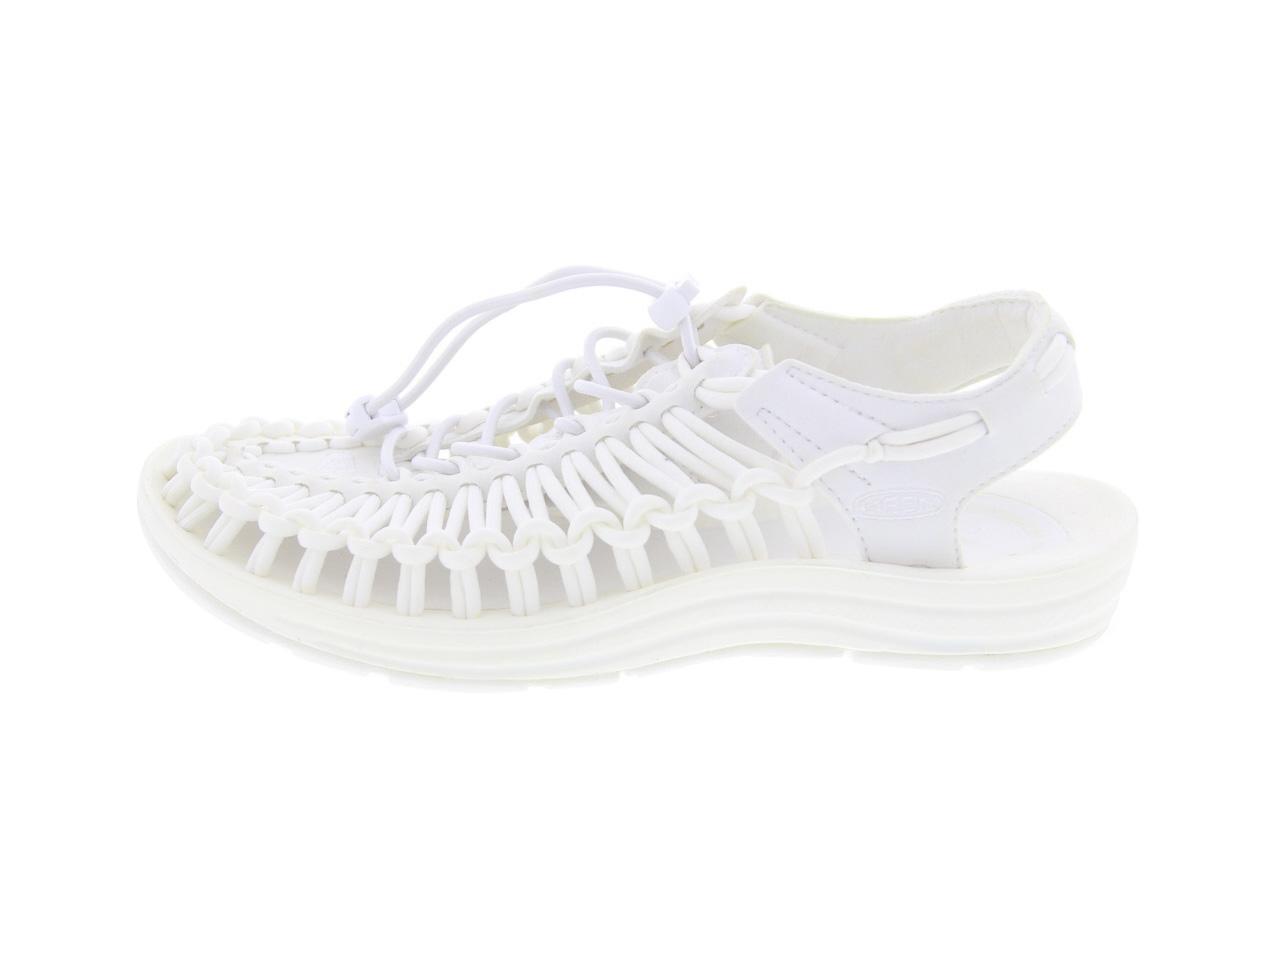 KEEN UNEEK W-STAR WHITE(1014100)【キーン ユニーク Wスター ホワイト】【レディースファッション】【シューズ】【靴】【スライド】【フットウェア】